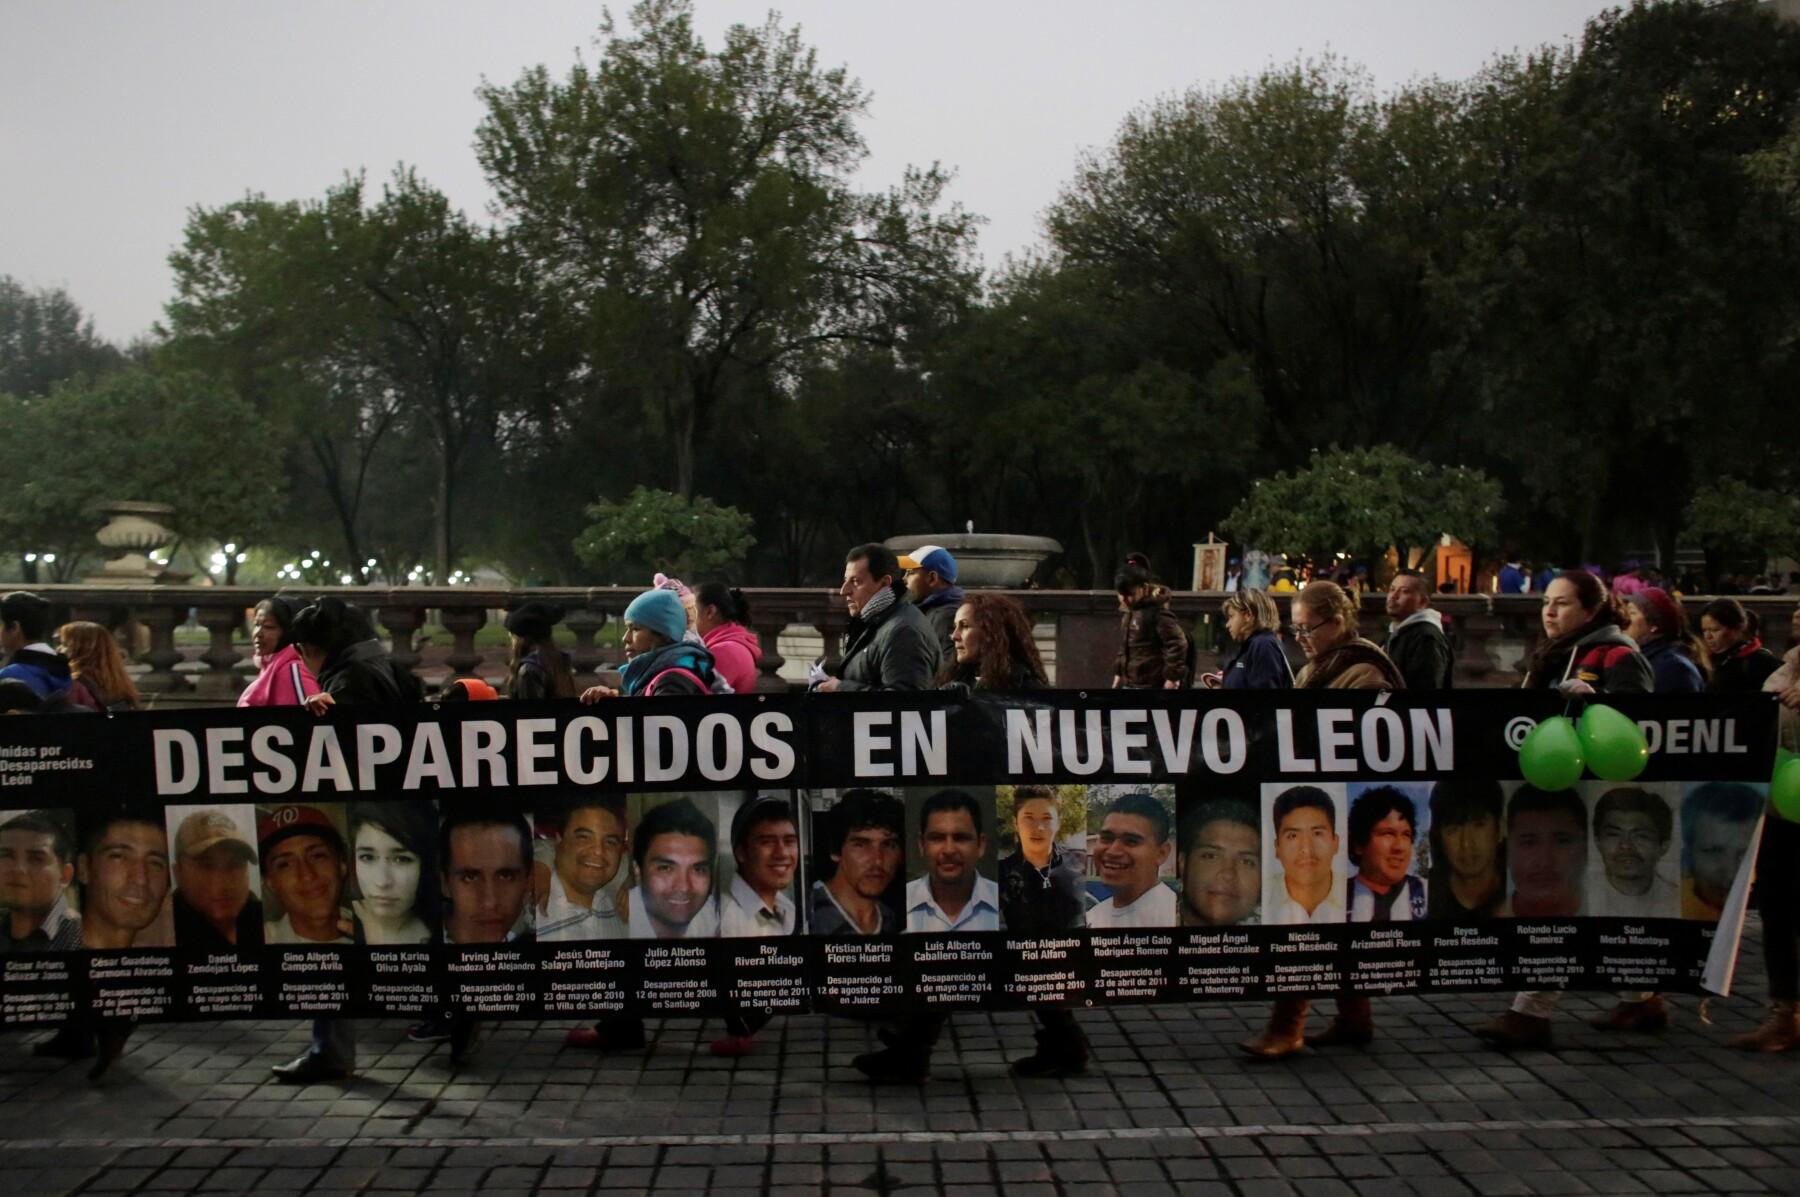 Desaparecidos en Nuevo León